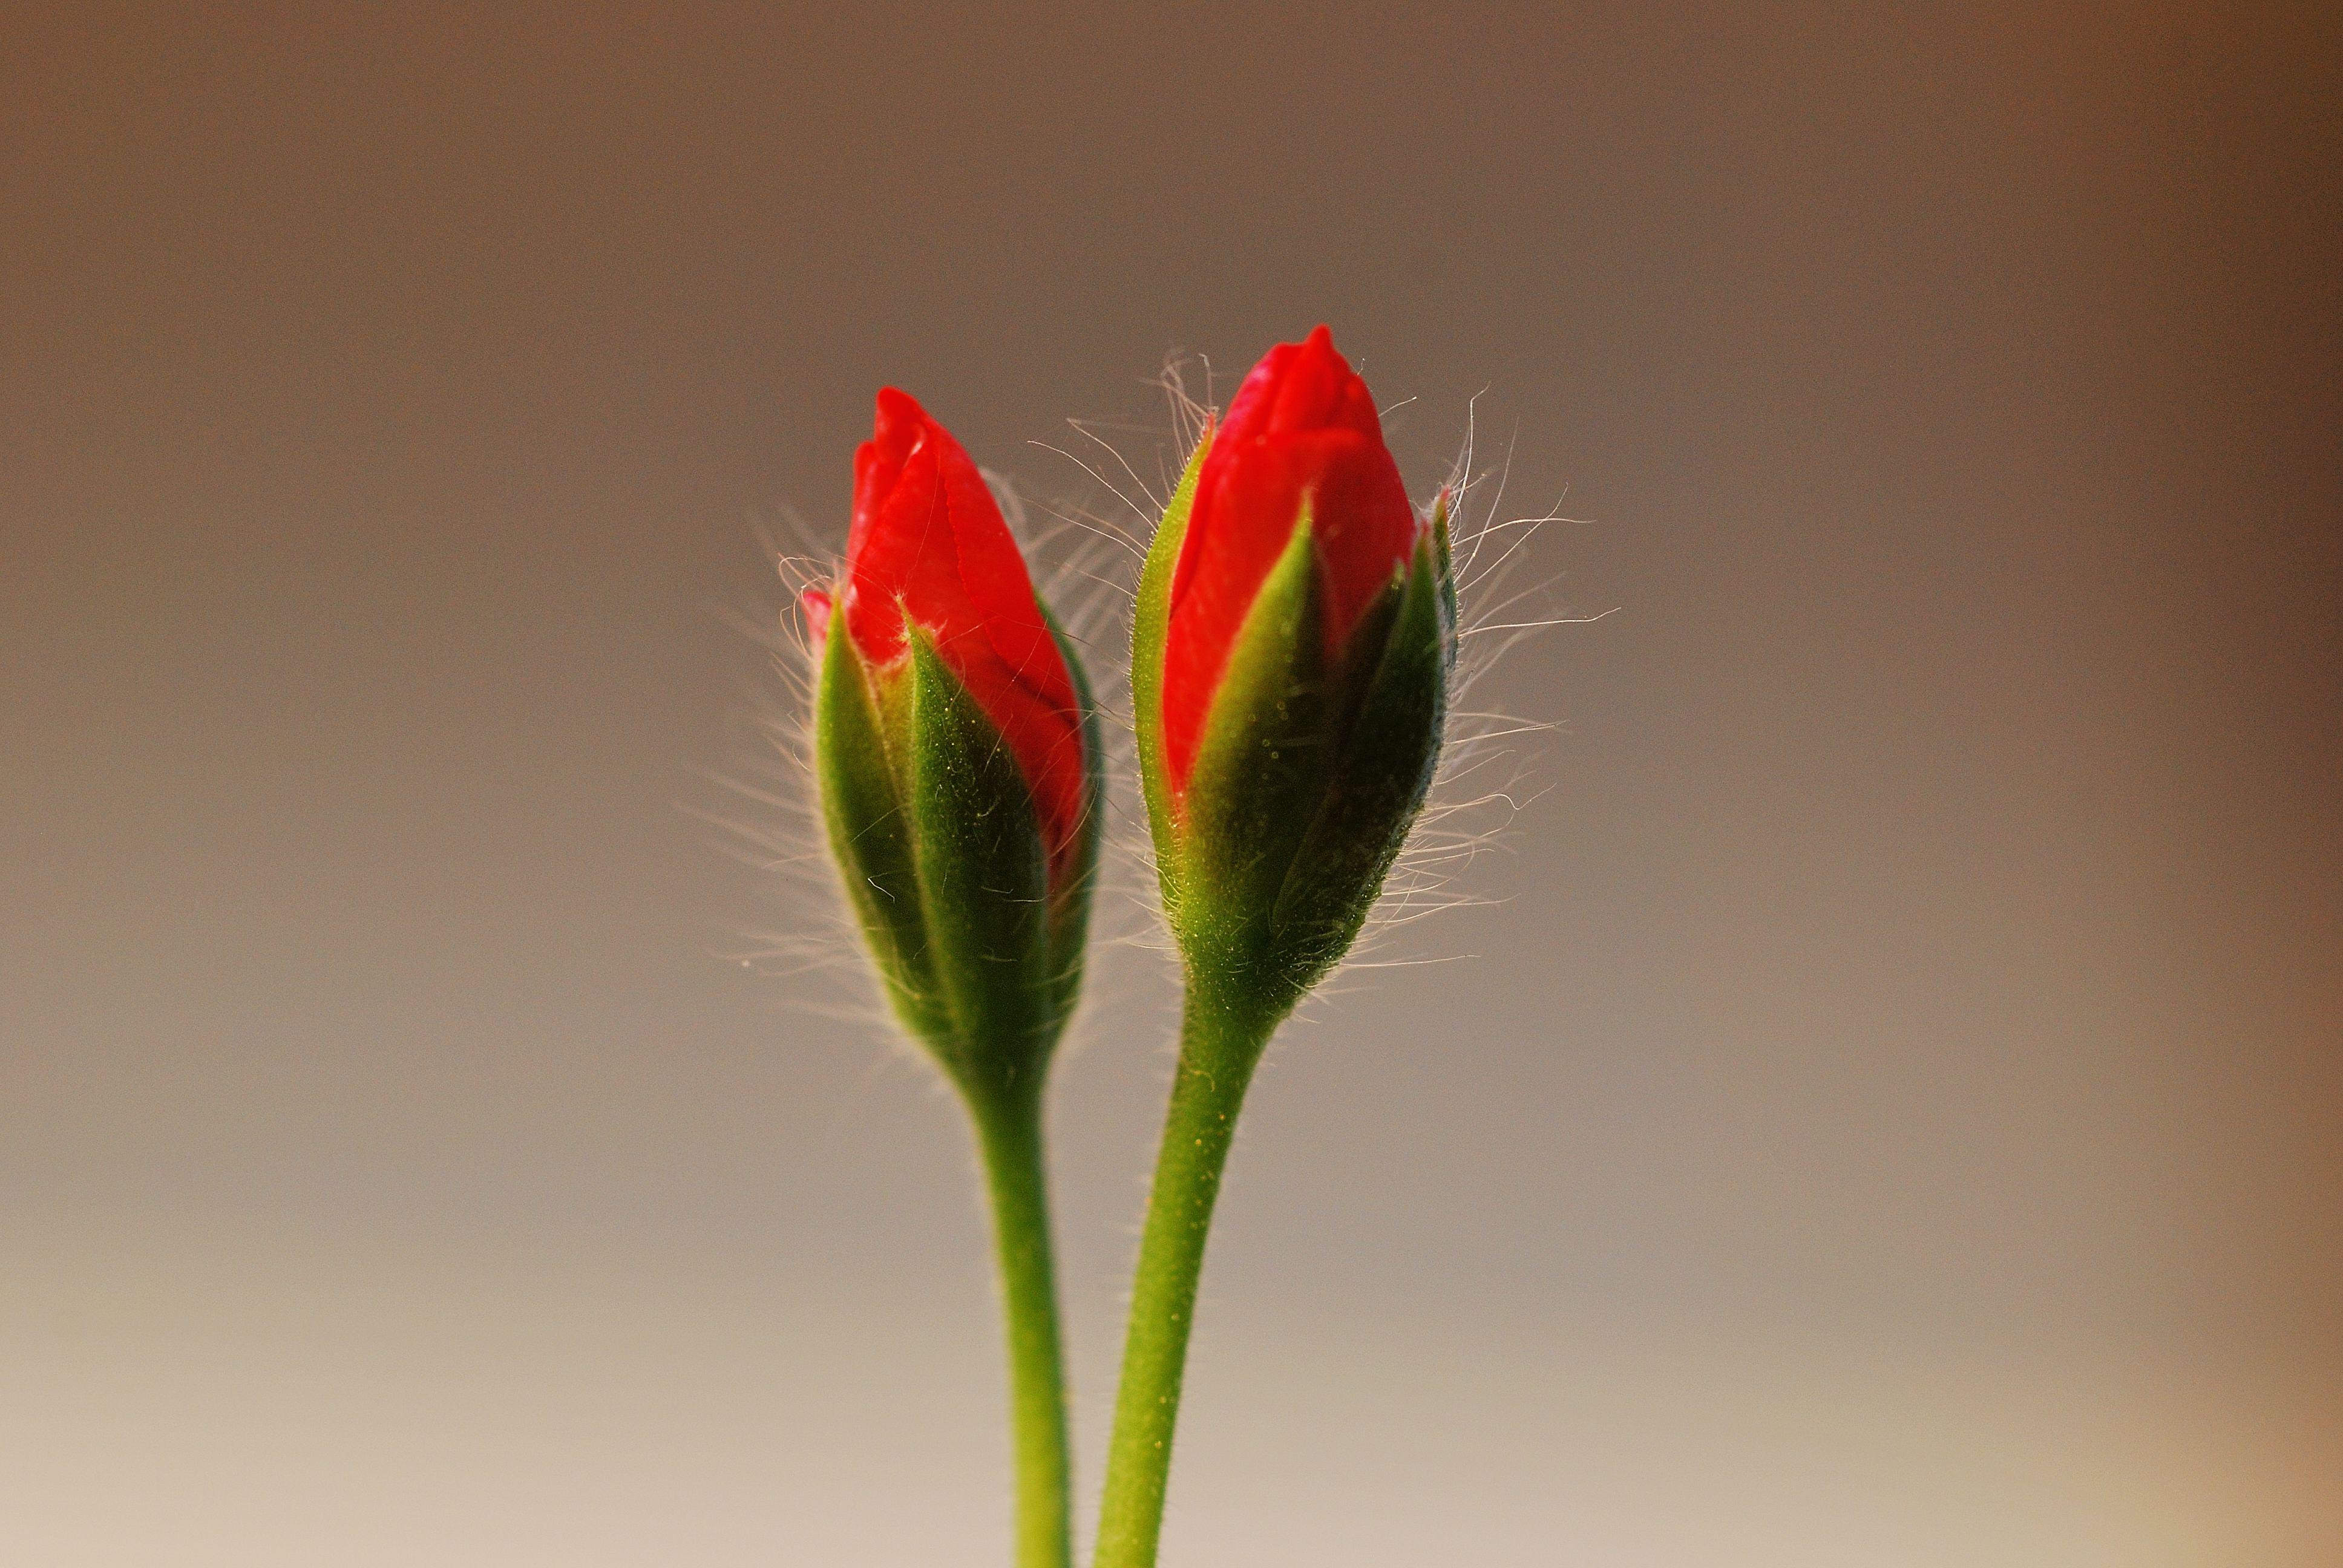 Nacque una volta / un fiore (Alessandro Stoppa)